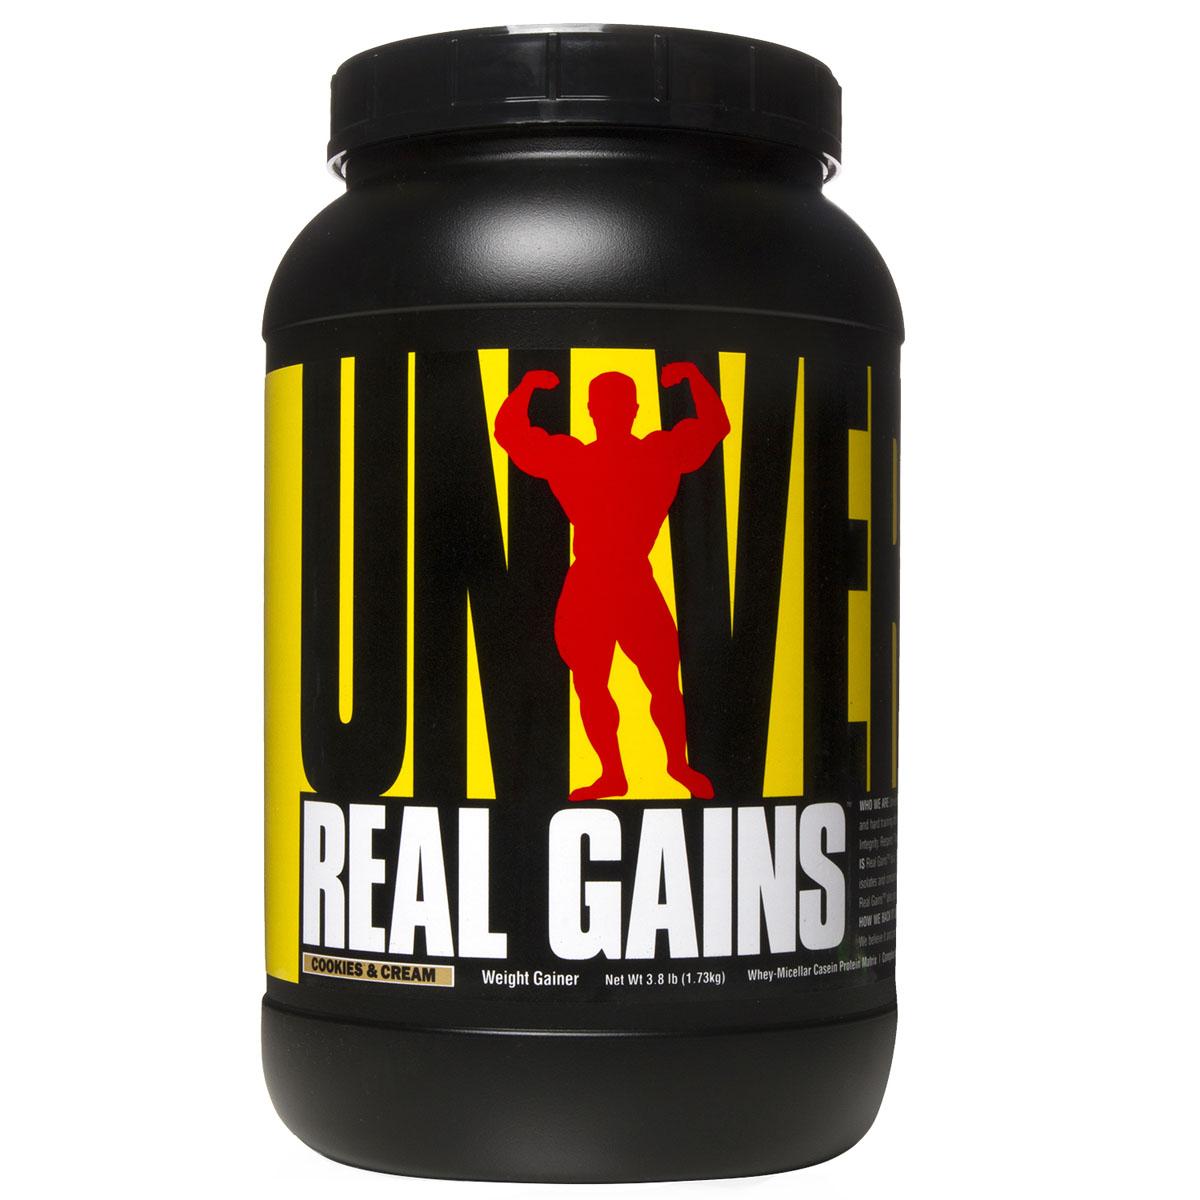 Гейнер UN Real Gains 3,81lb печеньеU1228Real Gains высококачественный углеводно-белковый концентрат для построения мышечной массы. Белковая смесь представлят собой запатентованную формулу от Universal Real Gains Protein Complex - смесь сывороточного и казеинового протеина. Ценность этого продукта также в низком содержании сахара и жиров, не несущих пользы организму. Рекомендации по применению: Принимайте одну порцию между приемами пищи и одну перед сном. Допускается разбить прием по половине порции 3-4 раза в день. Рекомендации по приготовлению: Растворите 155 г (3 с половиной мерной ложки) порошка в 300-400 мл молока или воды.